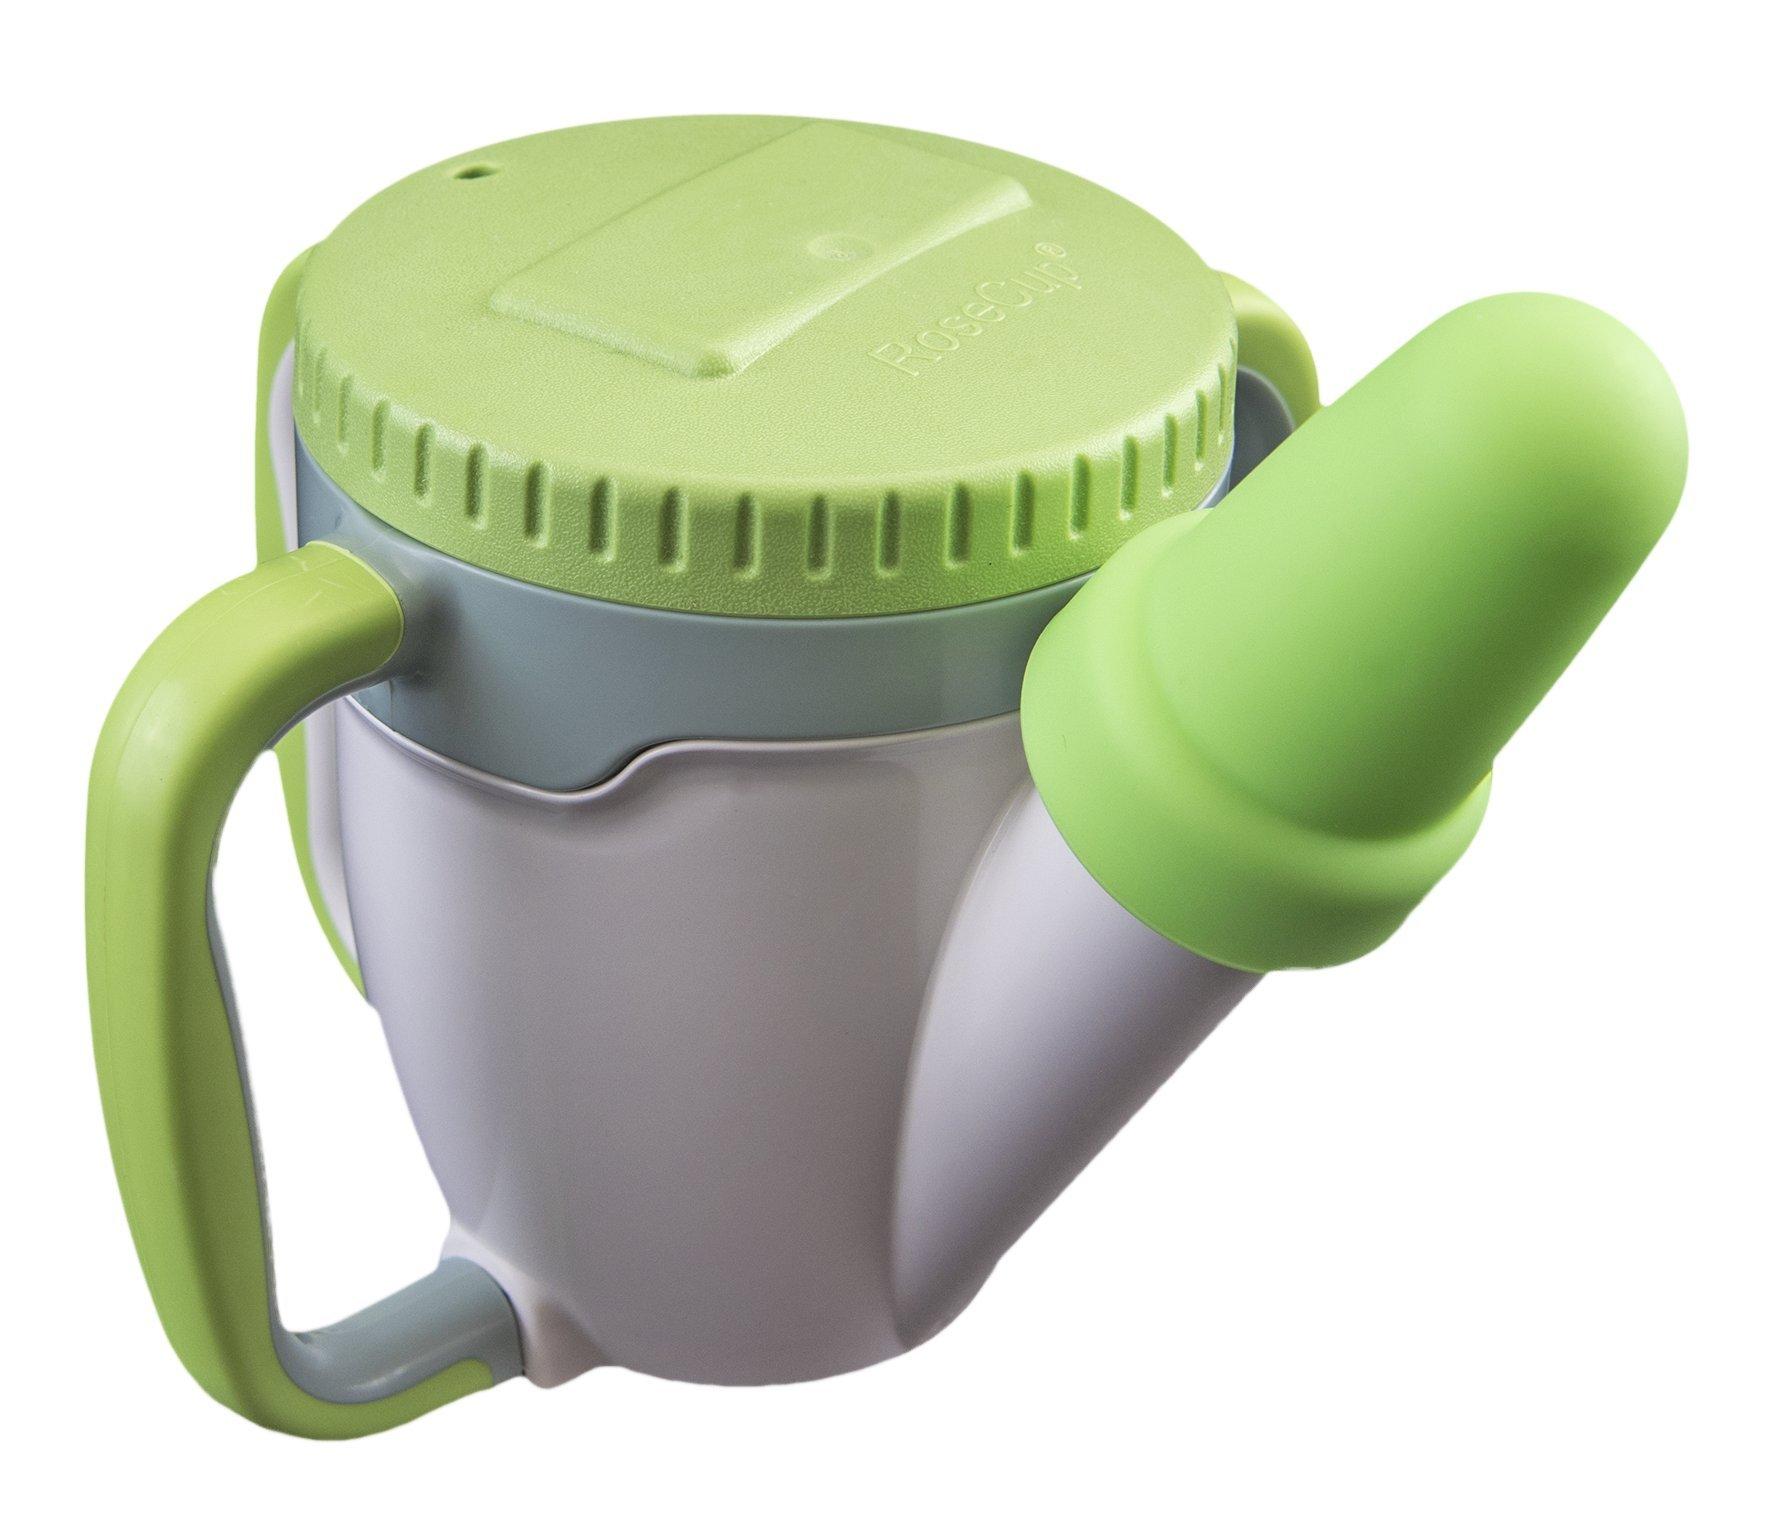 Dysphagia Cup Spout Set - Accessory